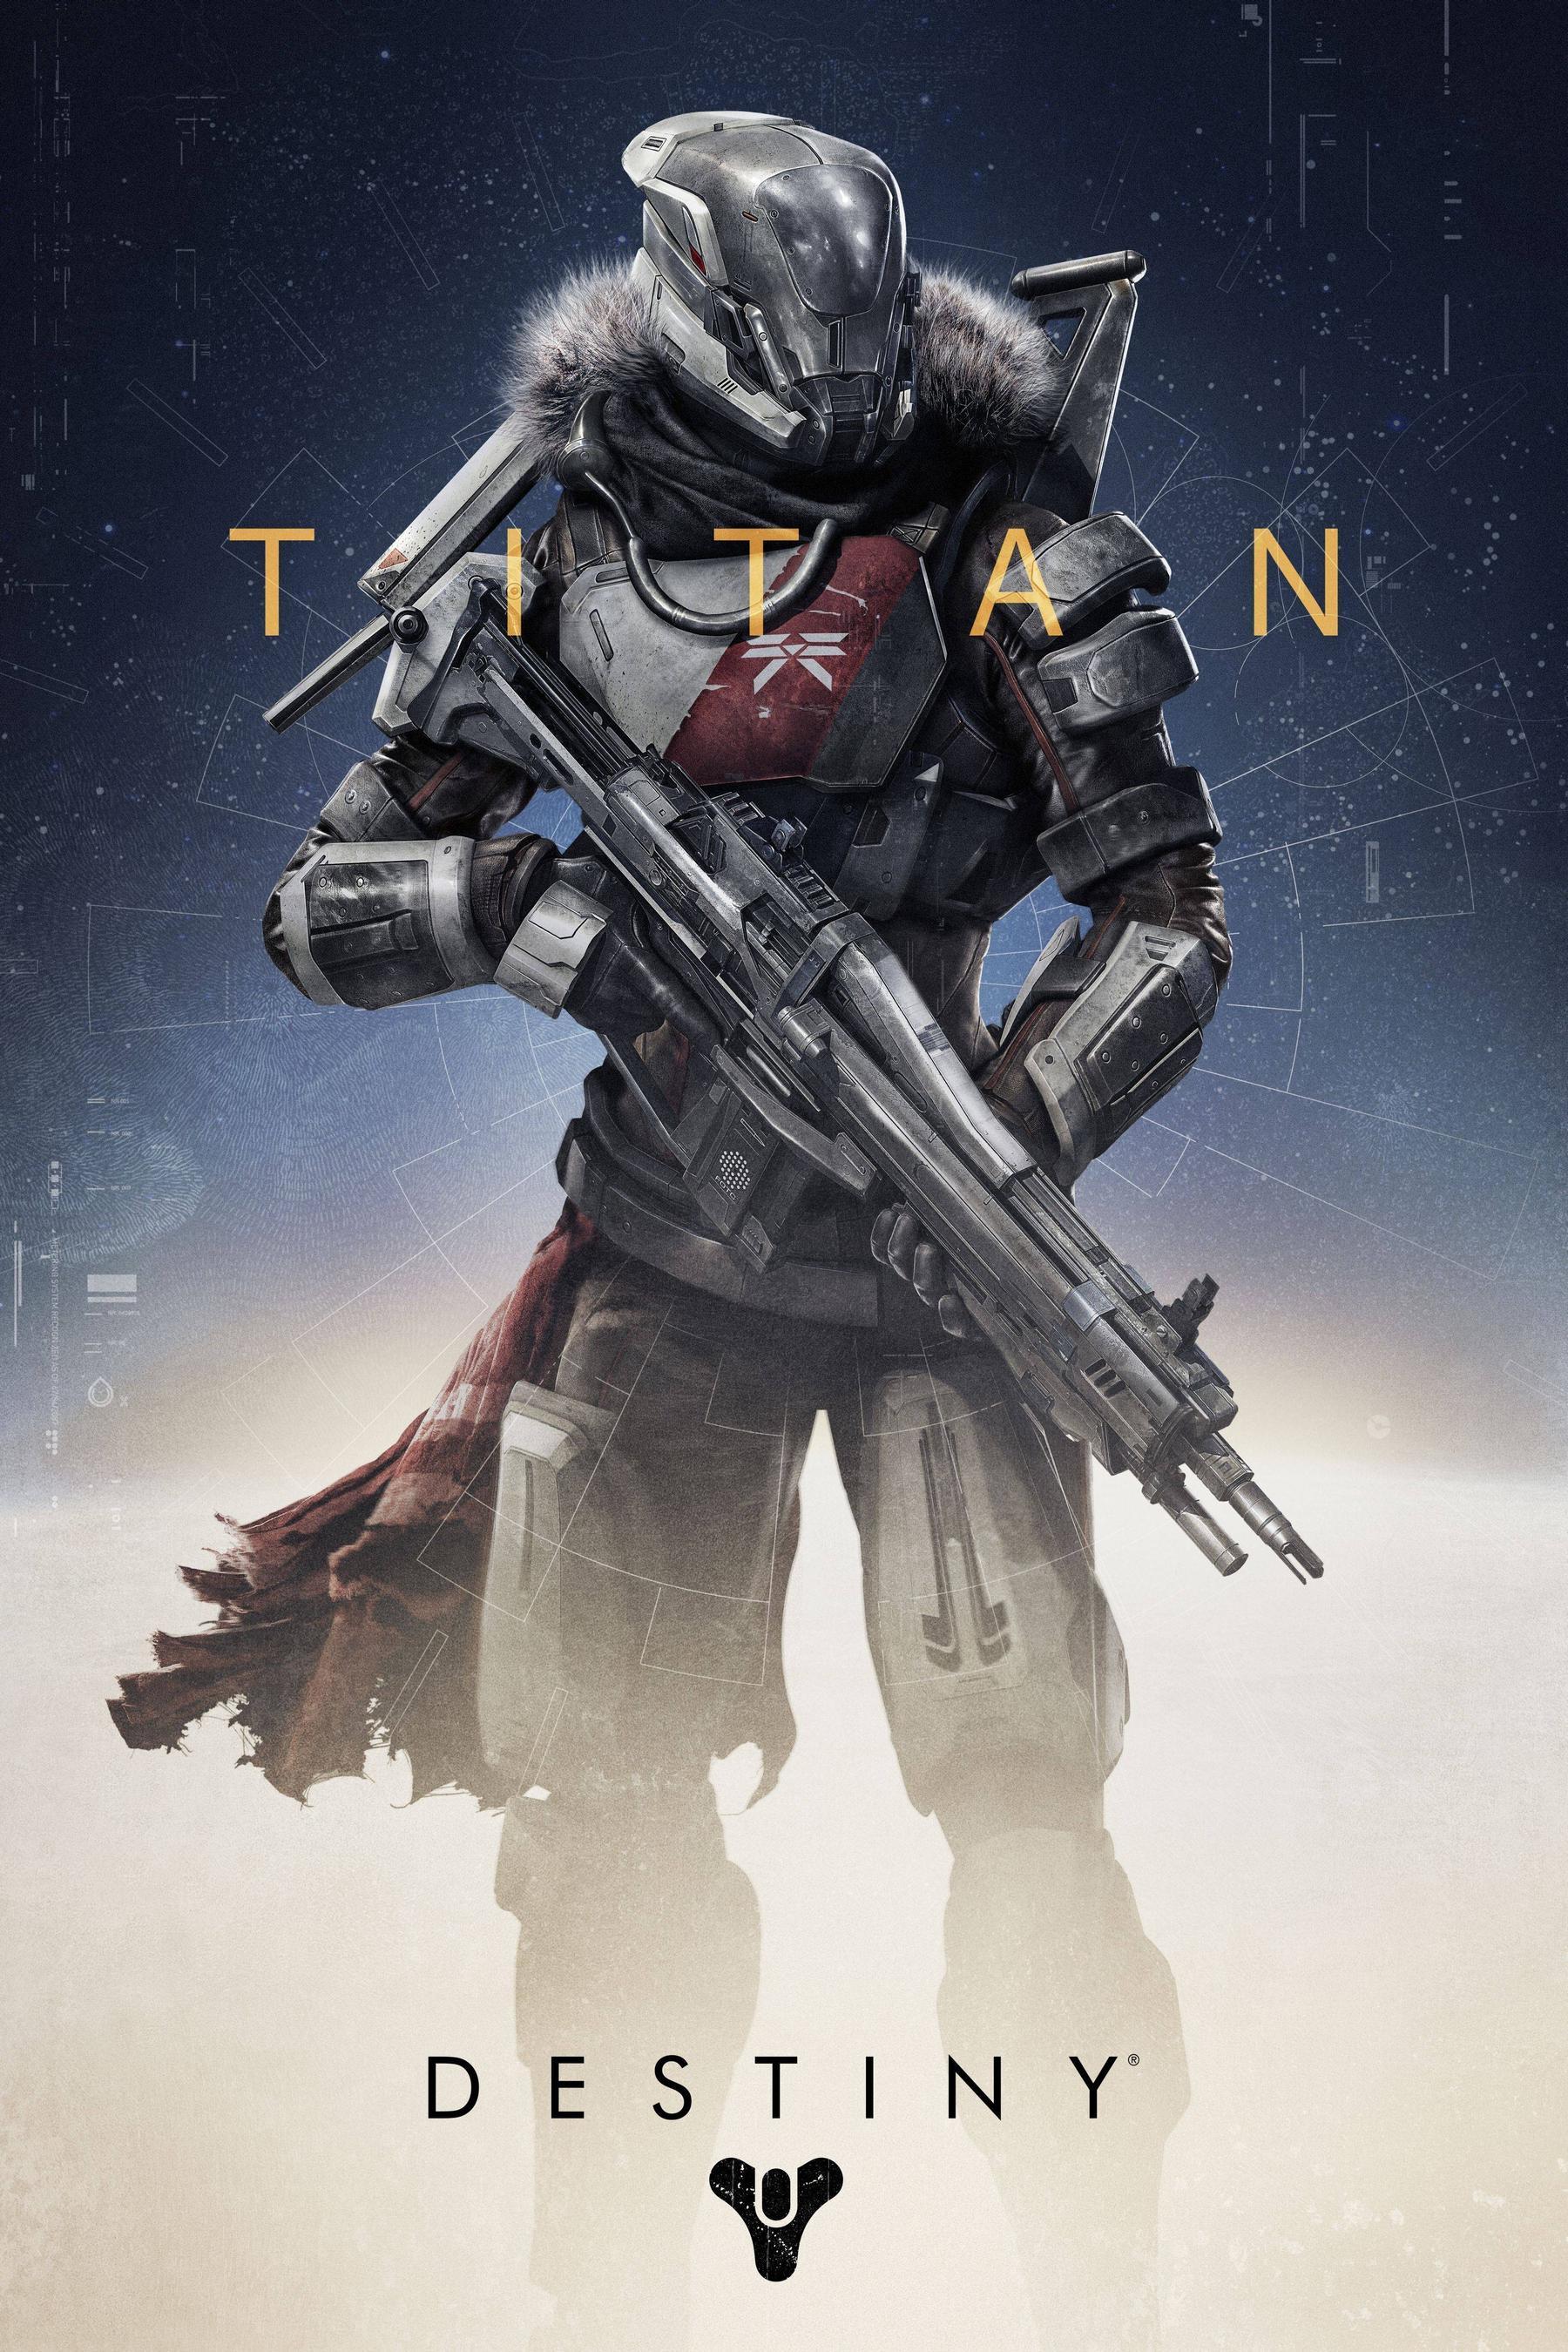 doom and destiny advanced apk 1.7.5.2